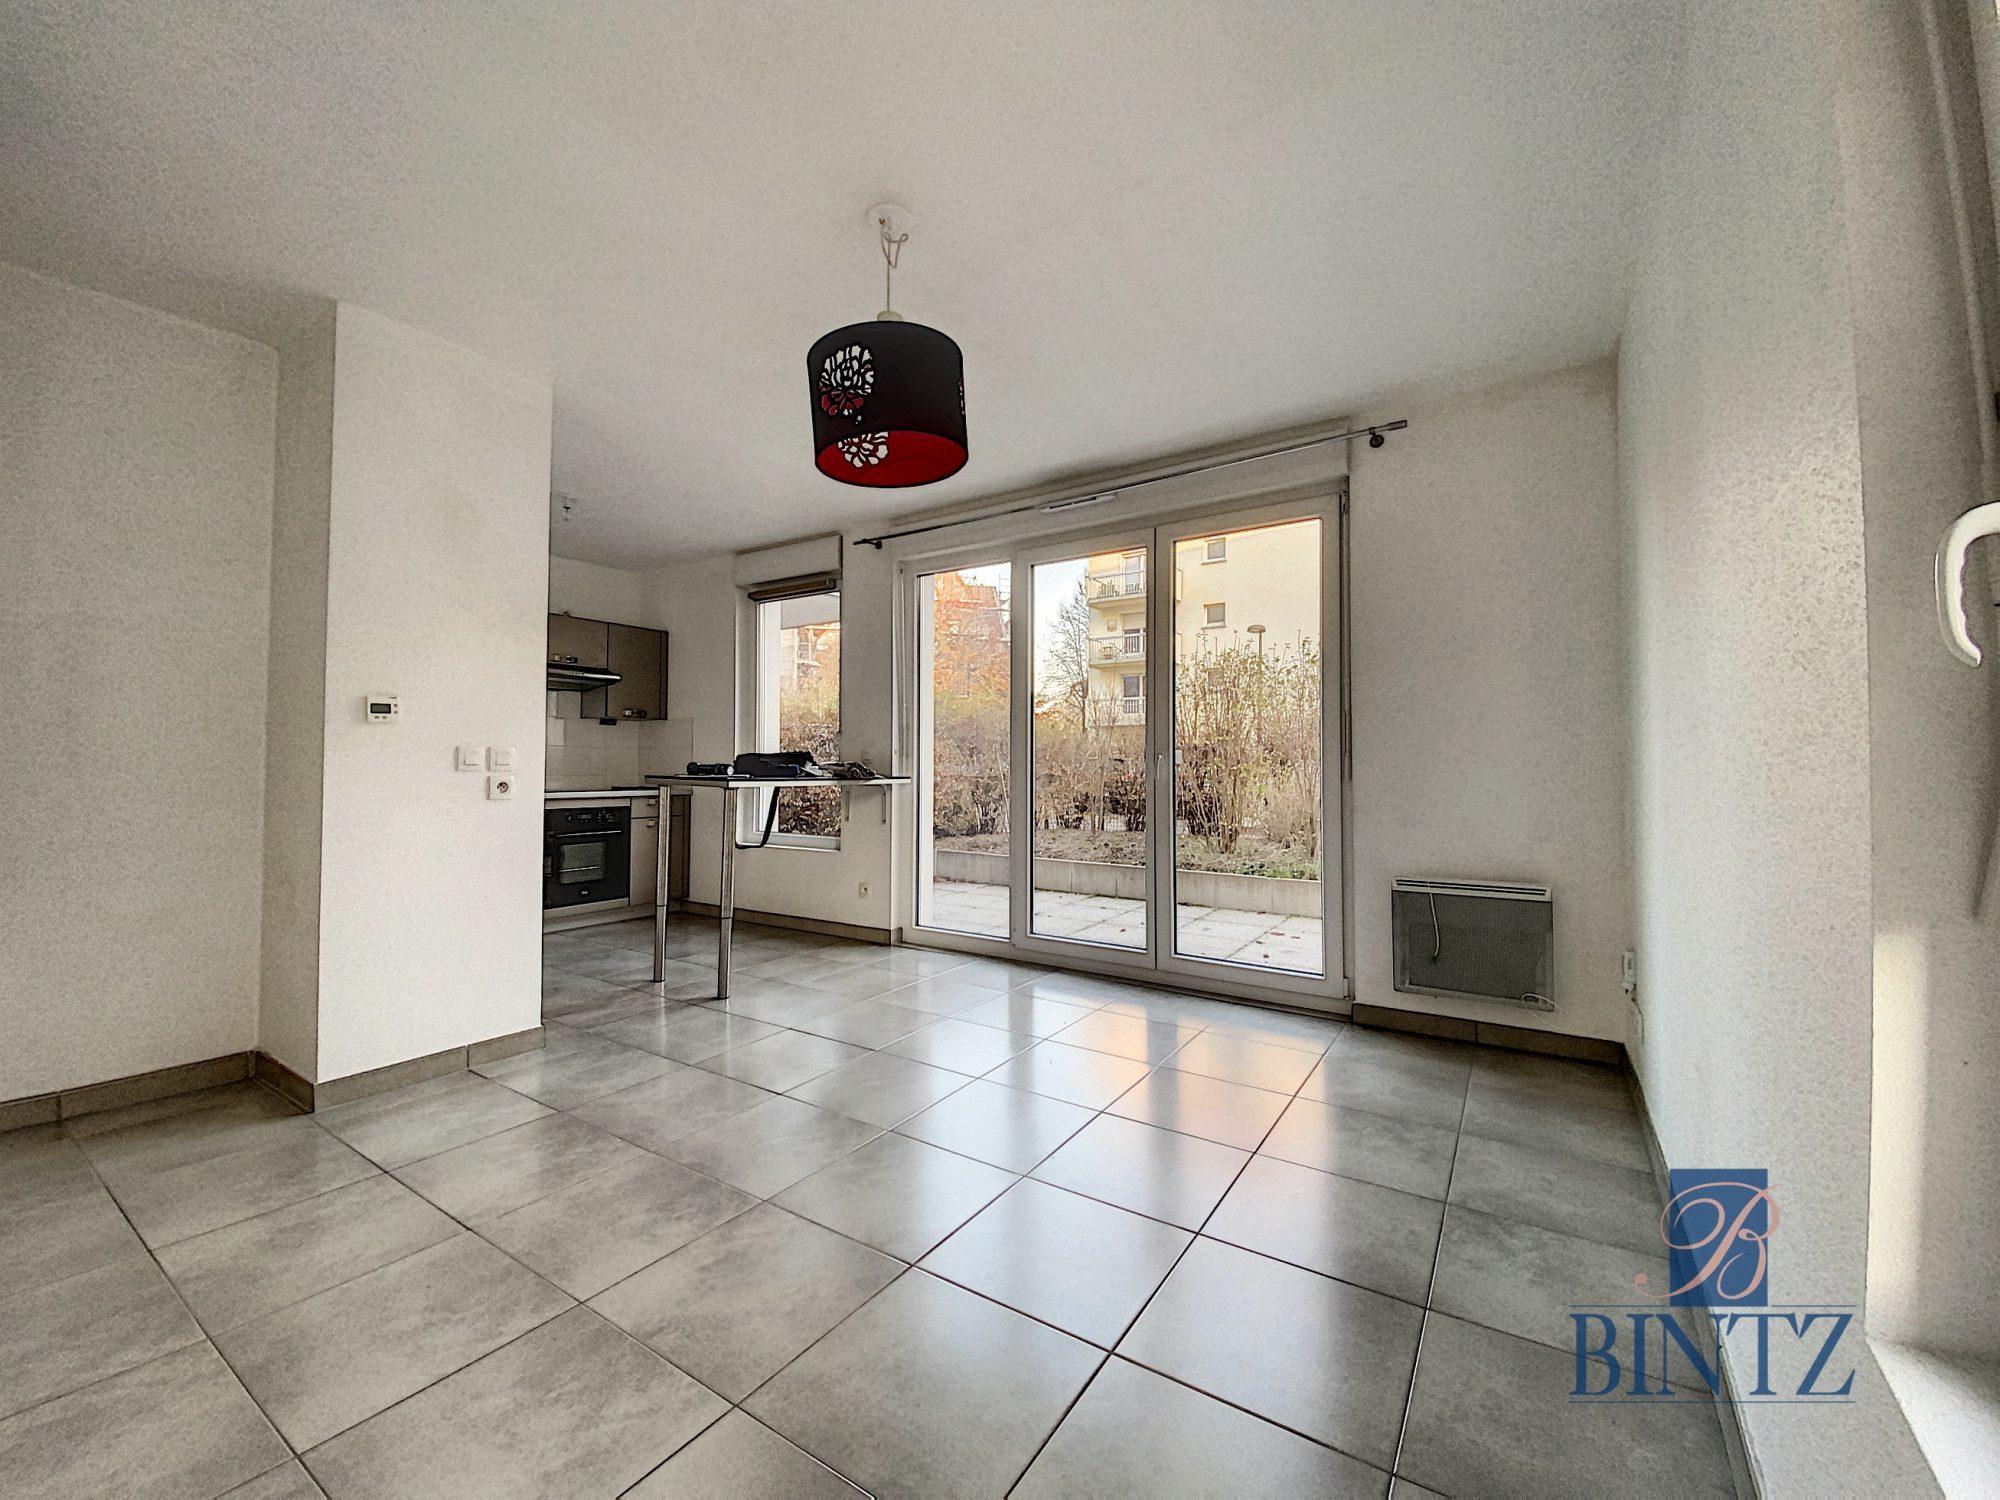 Idéal investisseur – 3 pièces rez-de-Jardin ECKBOLSHEIM - Devenez propriétaire en toute confiance - Bintz Immobilier - 1